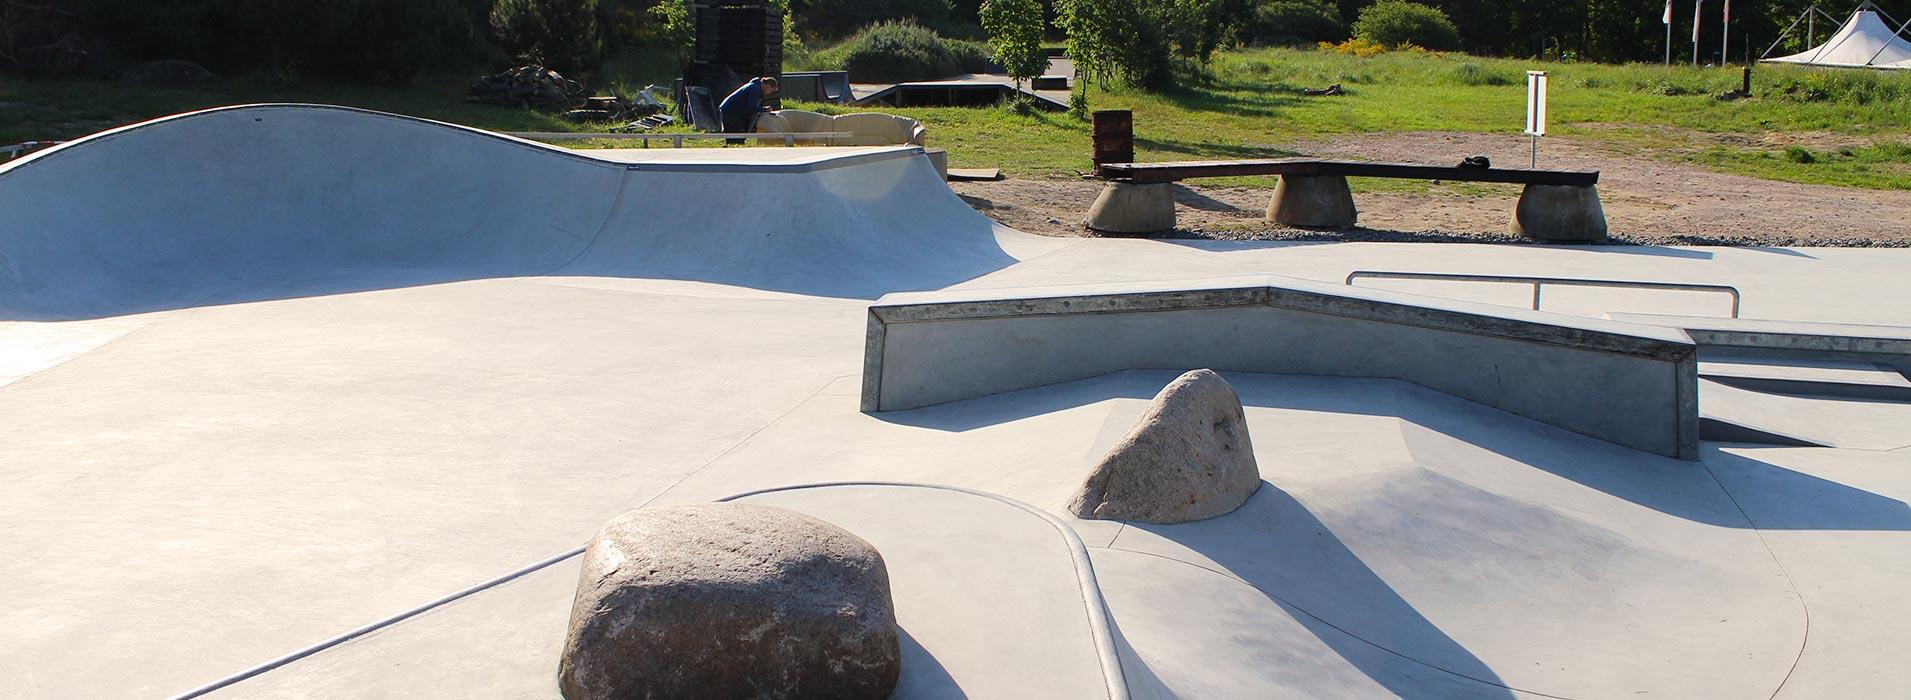 slider_skatepark_15